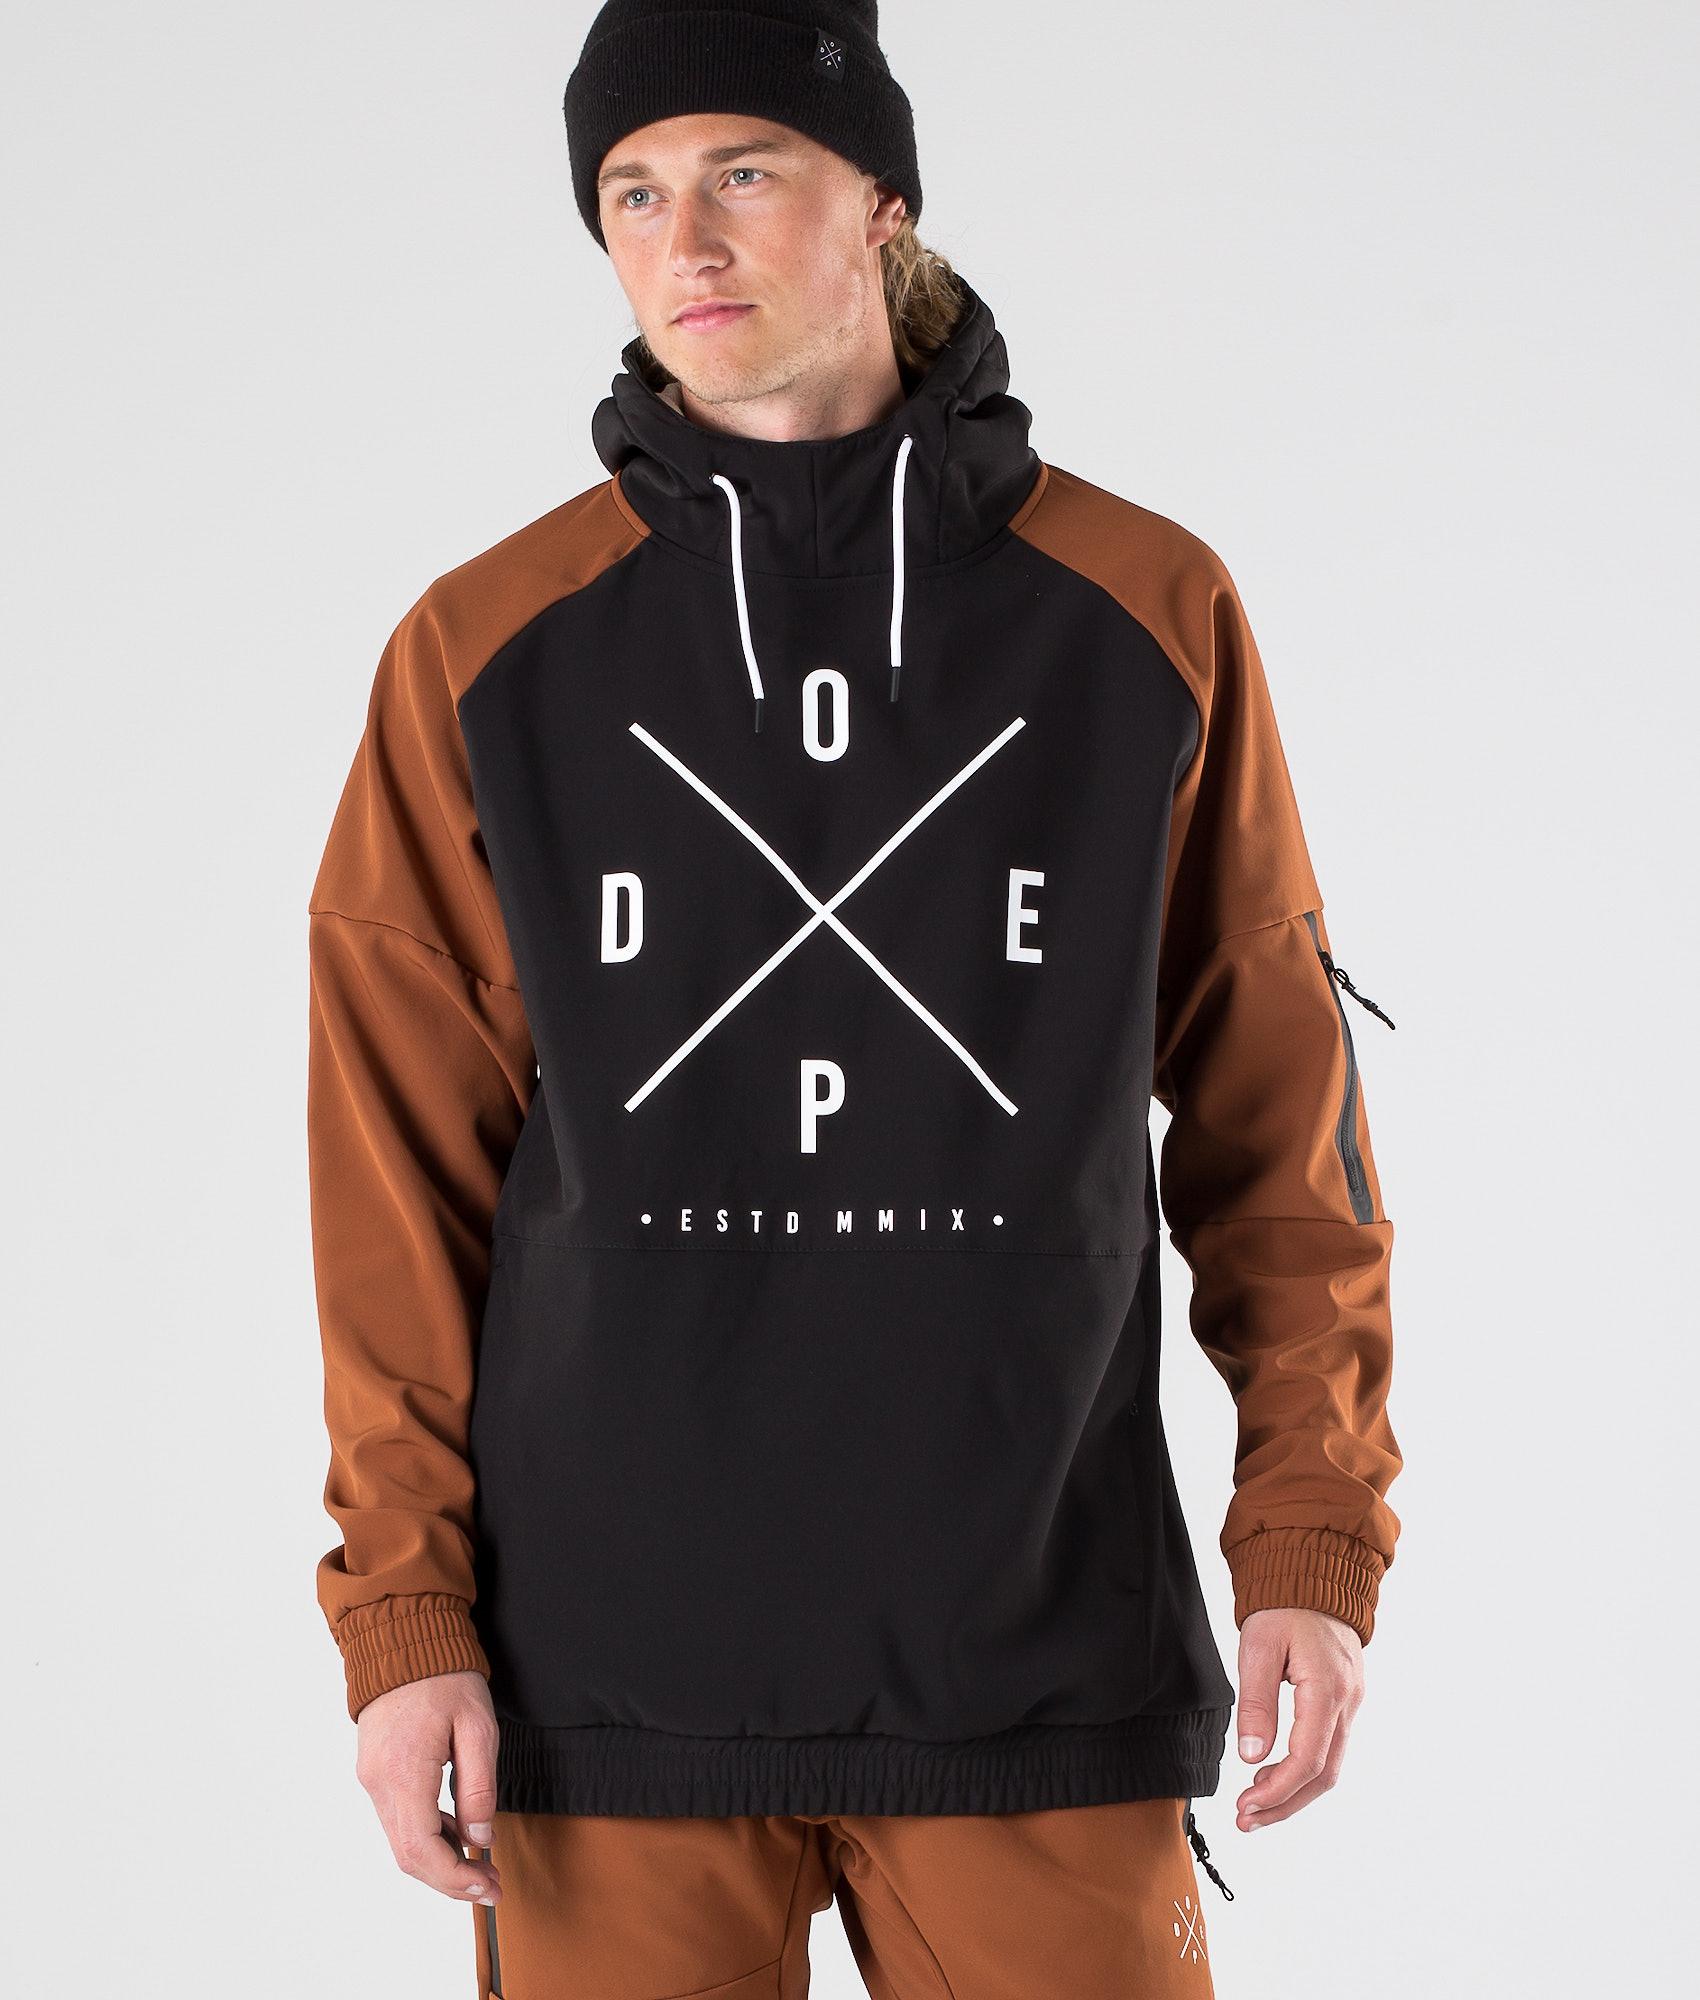 f5f0f6f5691929 Dope